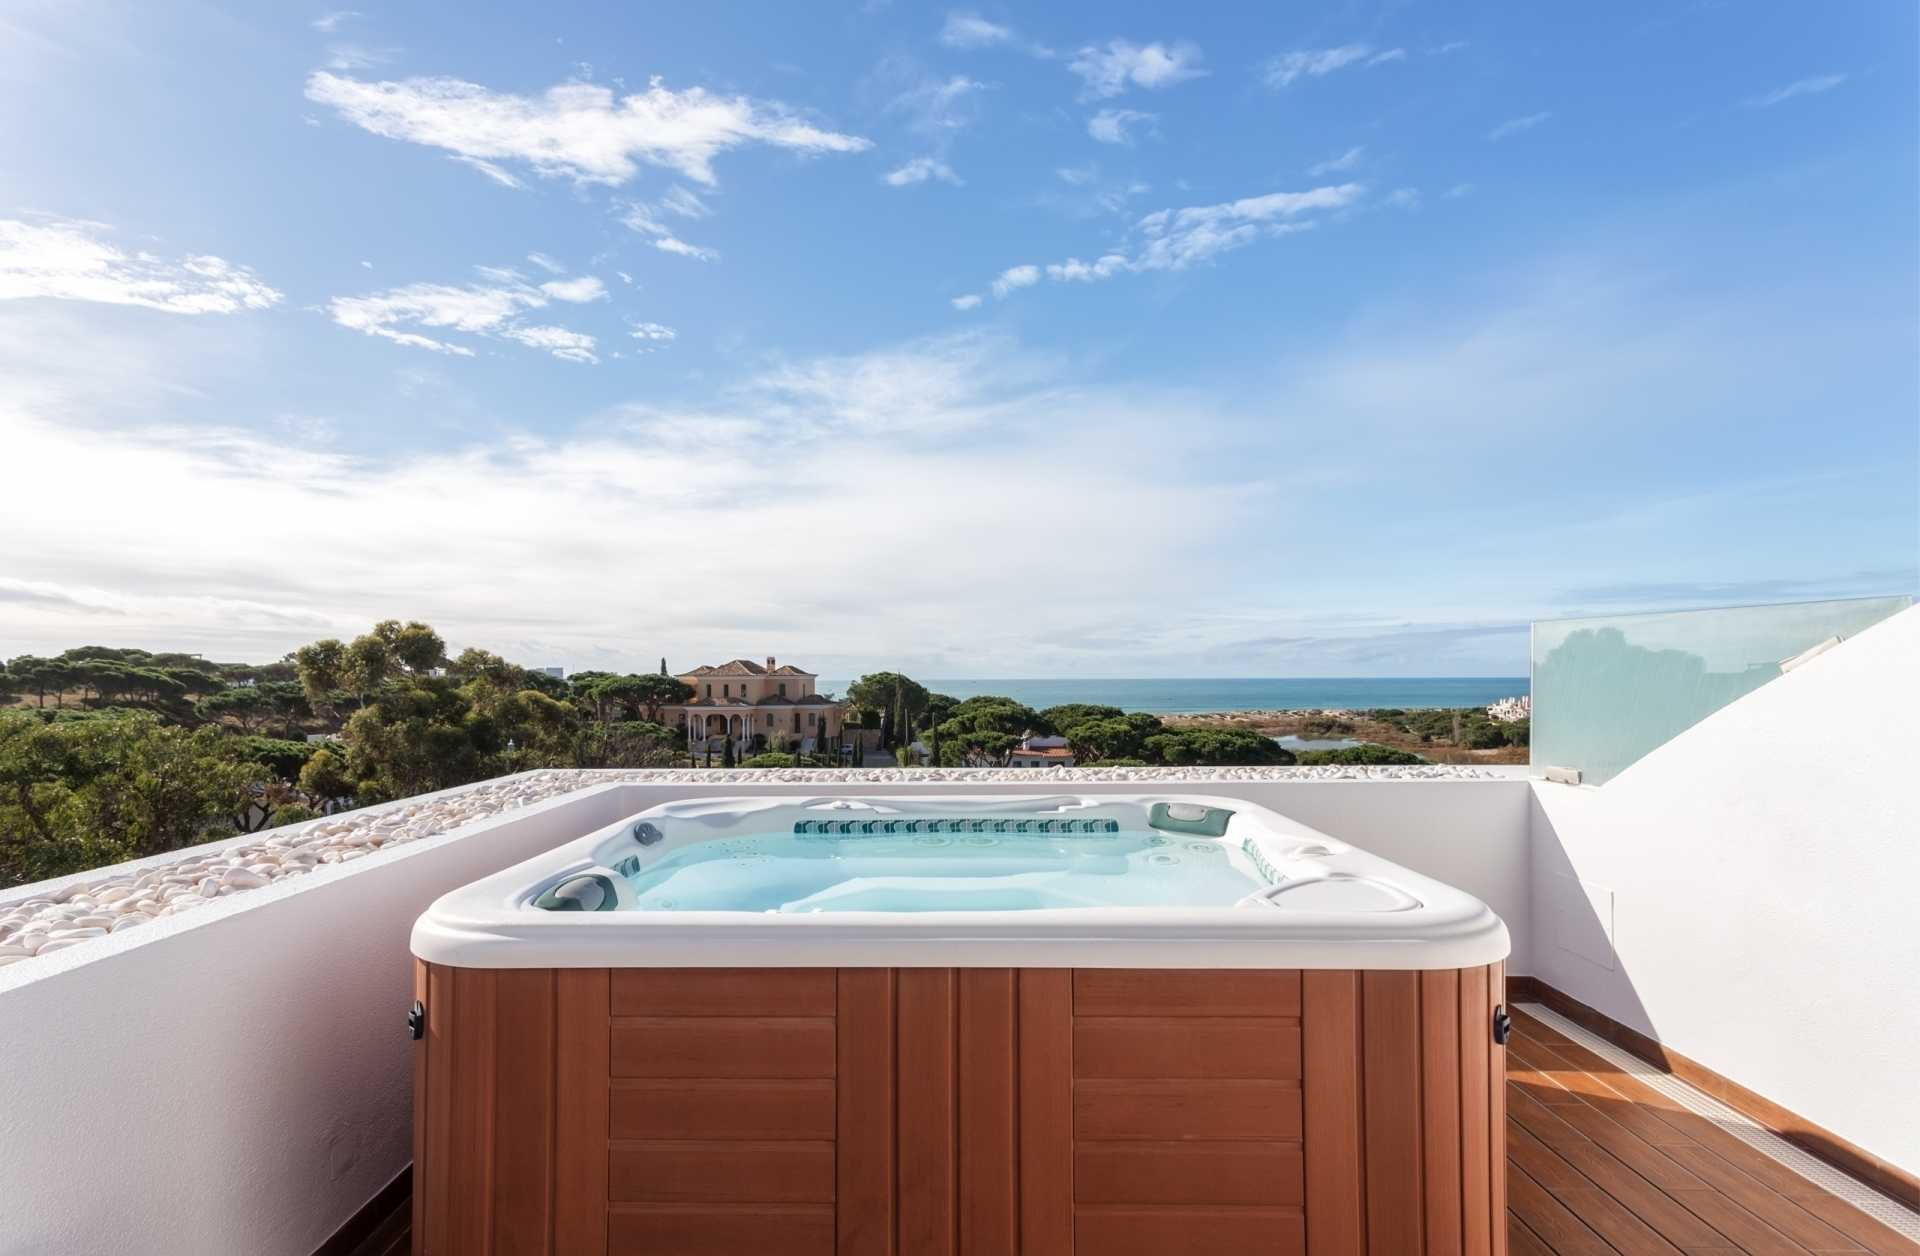 6 Whirlpools für luxuriöse und entspannende Momente im Außenbereich